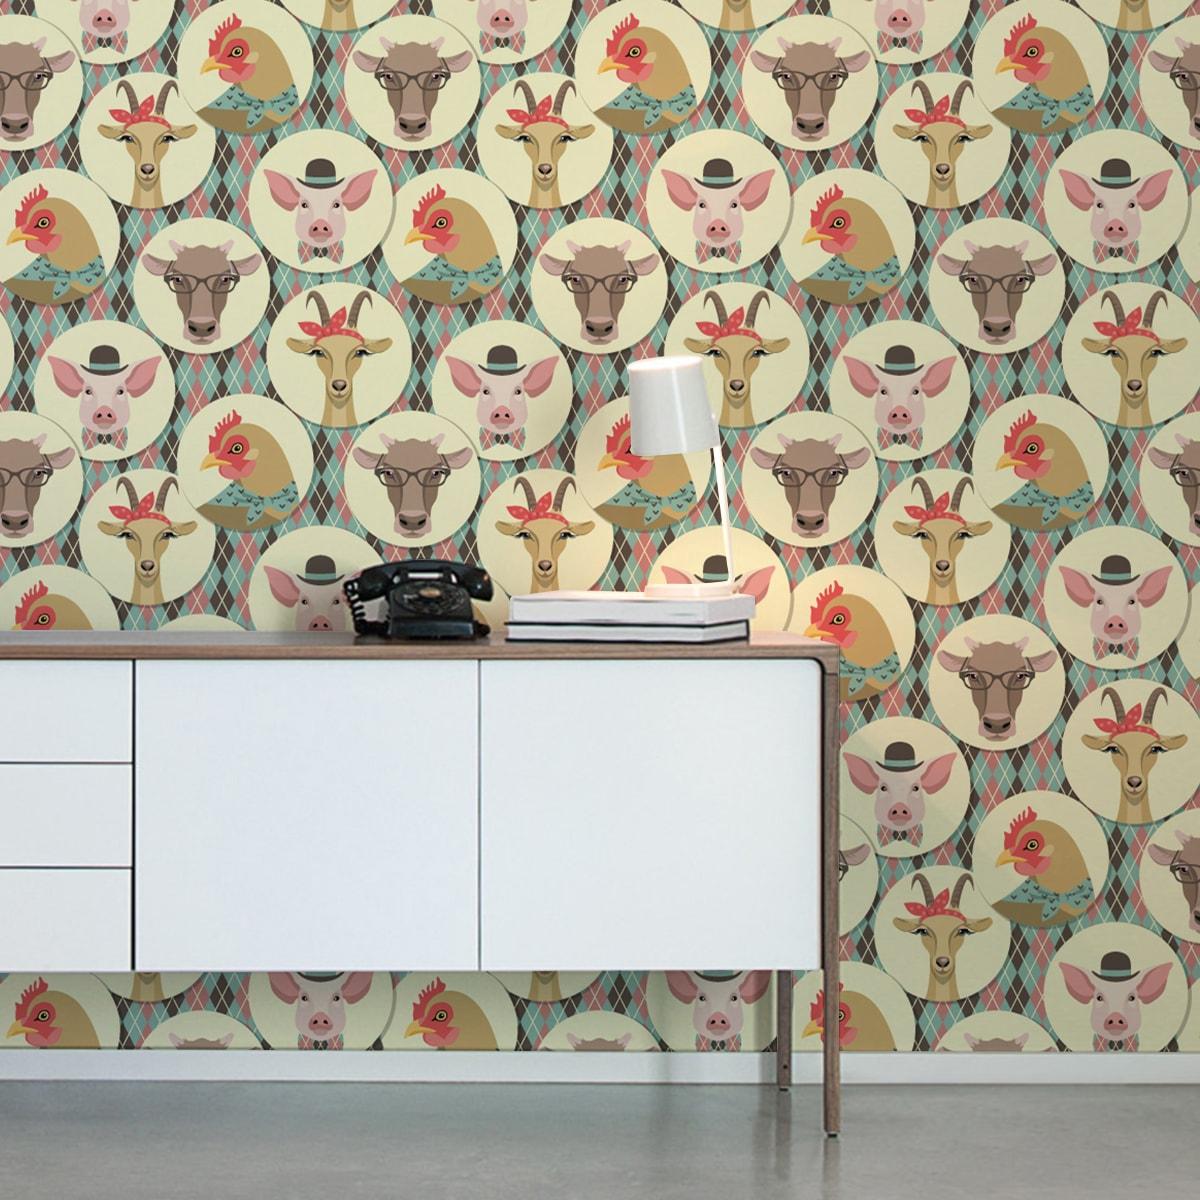 """Design Tapete """"Funny Portrait Gallery"""" mit Schweinen, Ziegen und Kühen auf Schotten Karo in türkis - groß"""